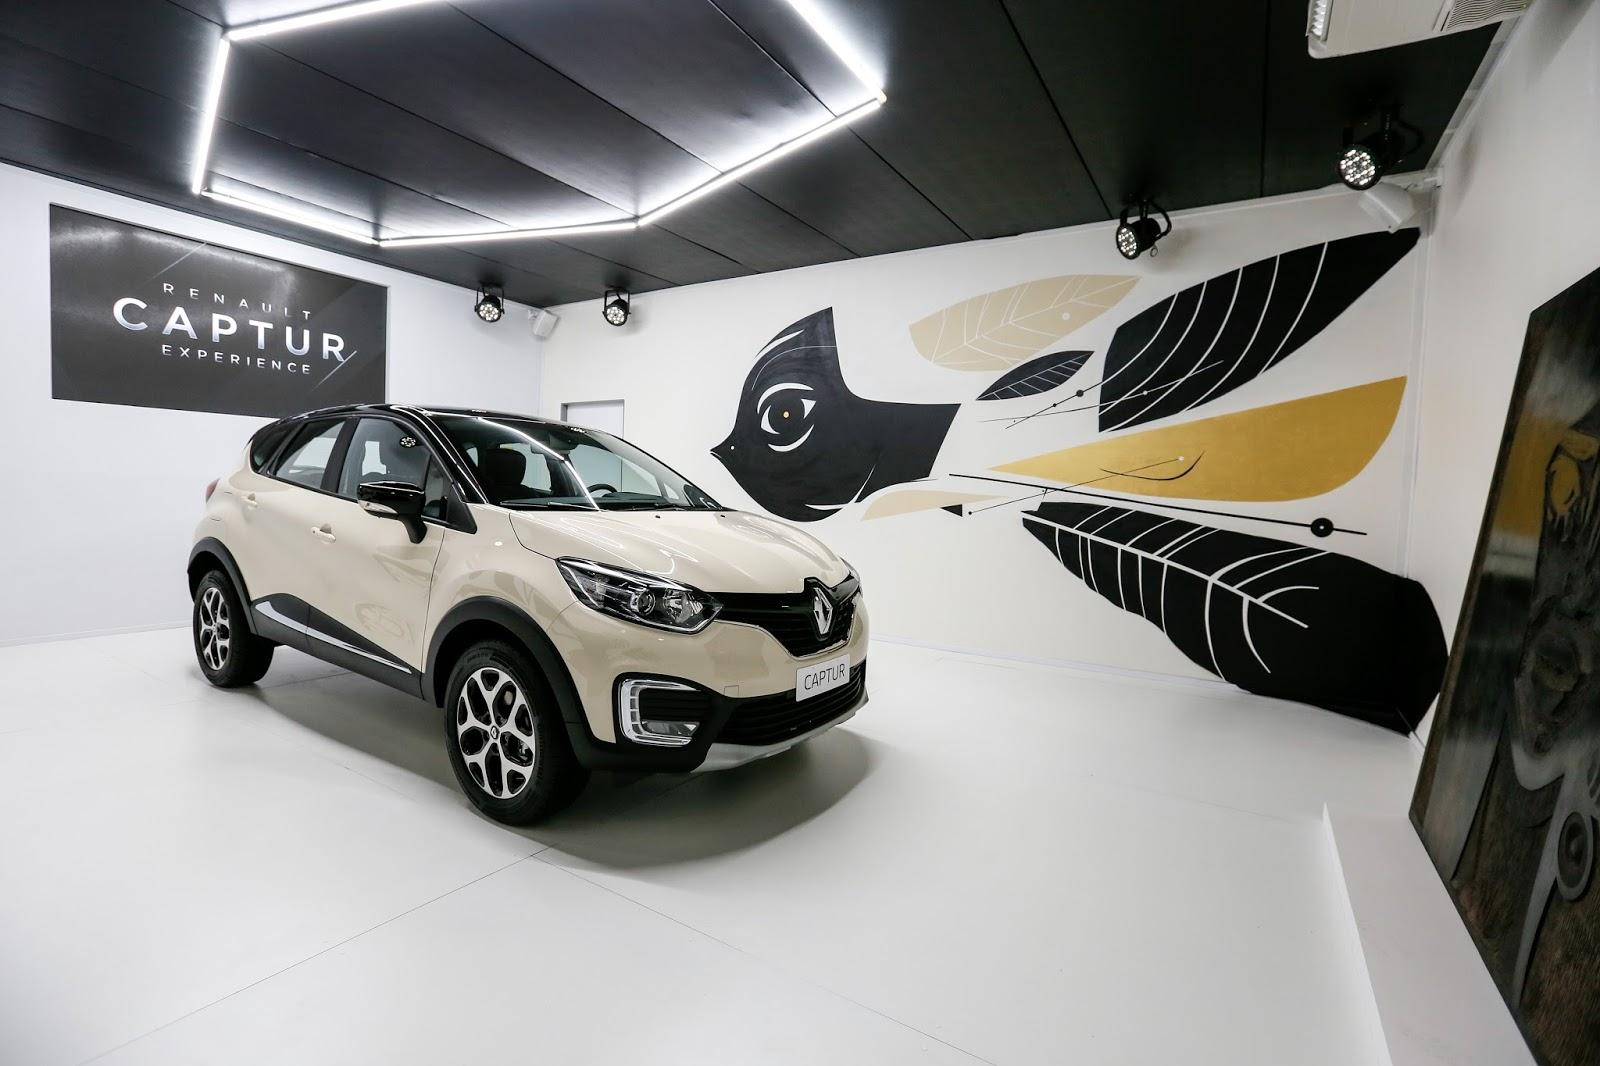 Lançamento do Renault Captur agrega celebridades, gastronomia, cultura e música